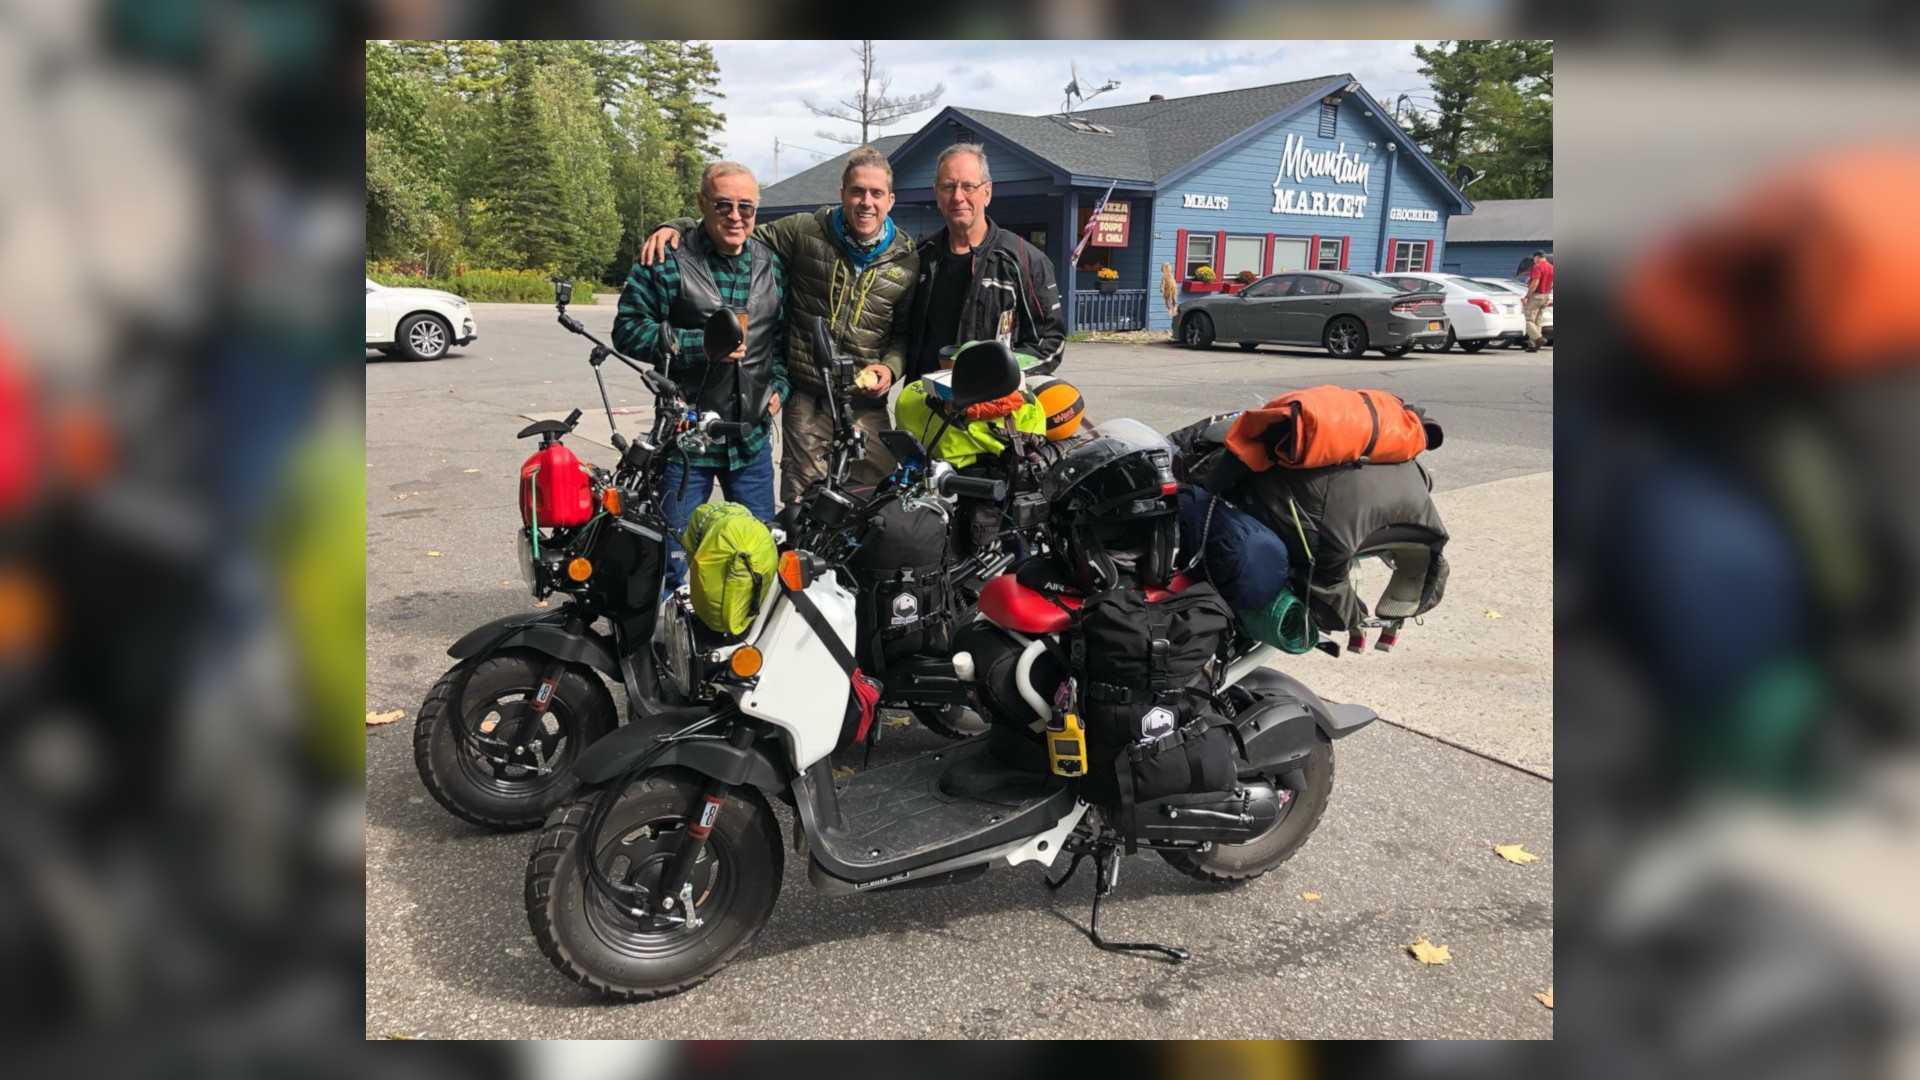 Dva čoveka na skuterima krenuli na put od 9.000 milja